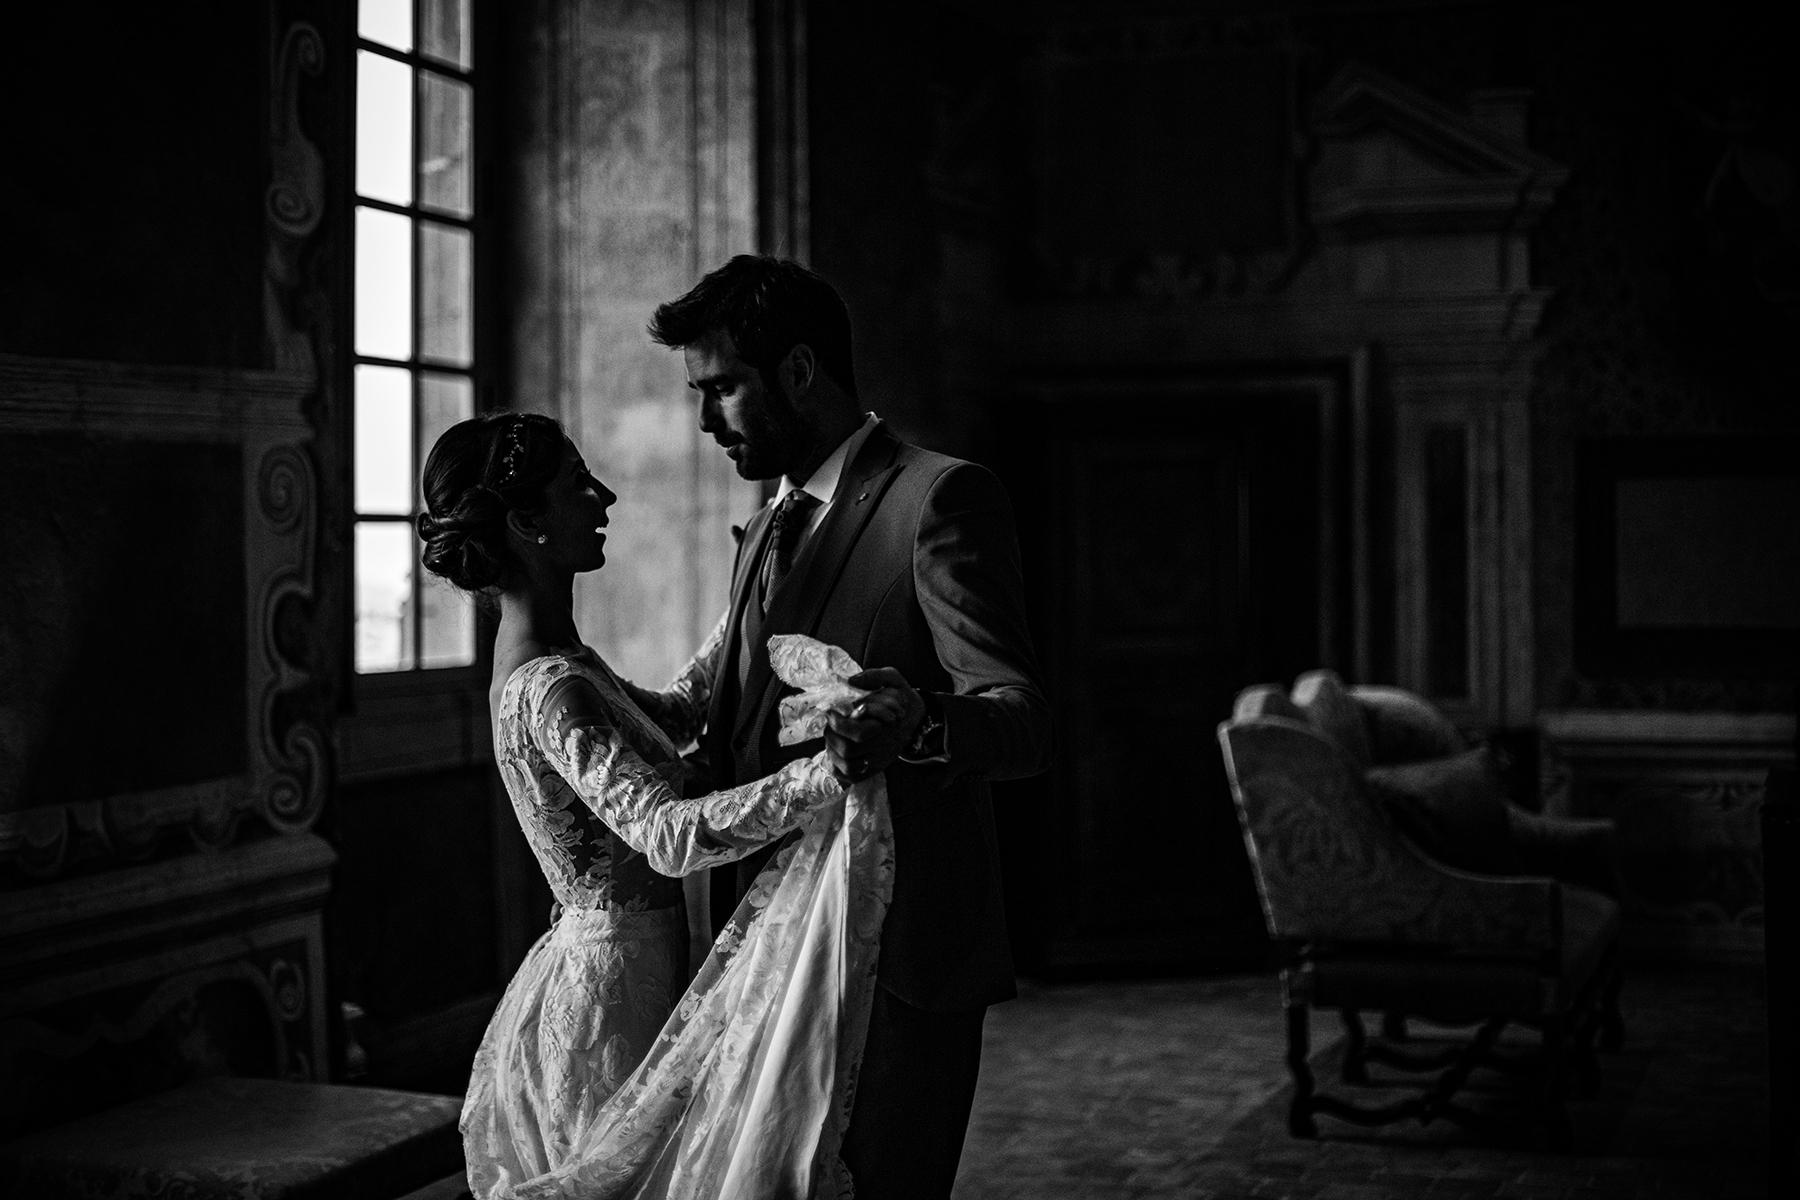 Reportage de mariage au Château de Bagnols. Meilleures photographies de mariage du photographe de mariage David Pommier. Moulins allier. Photographe de mariage Lyon